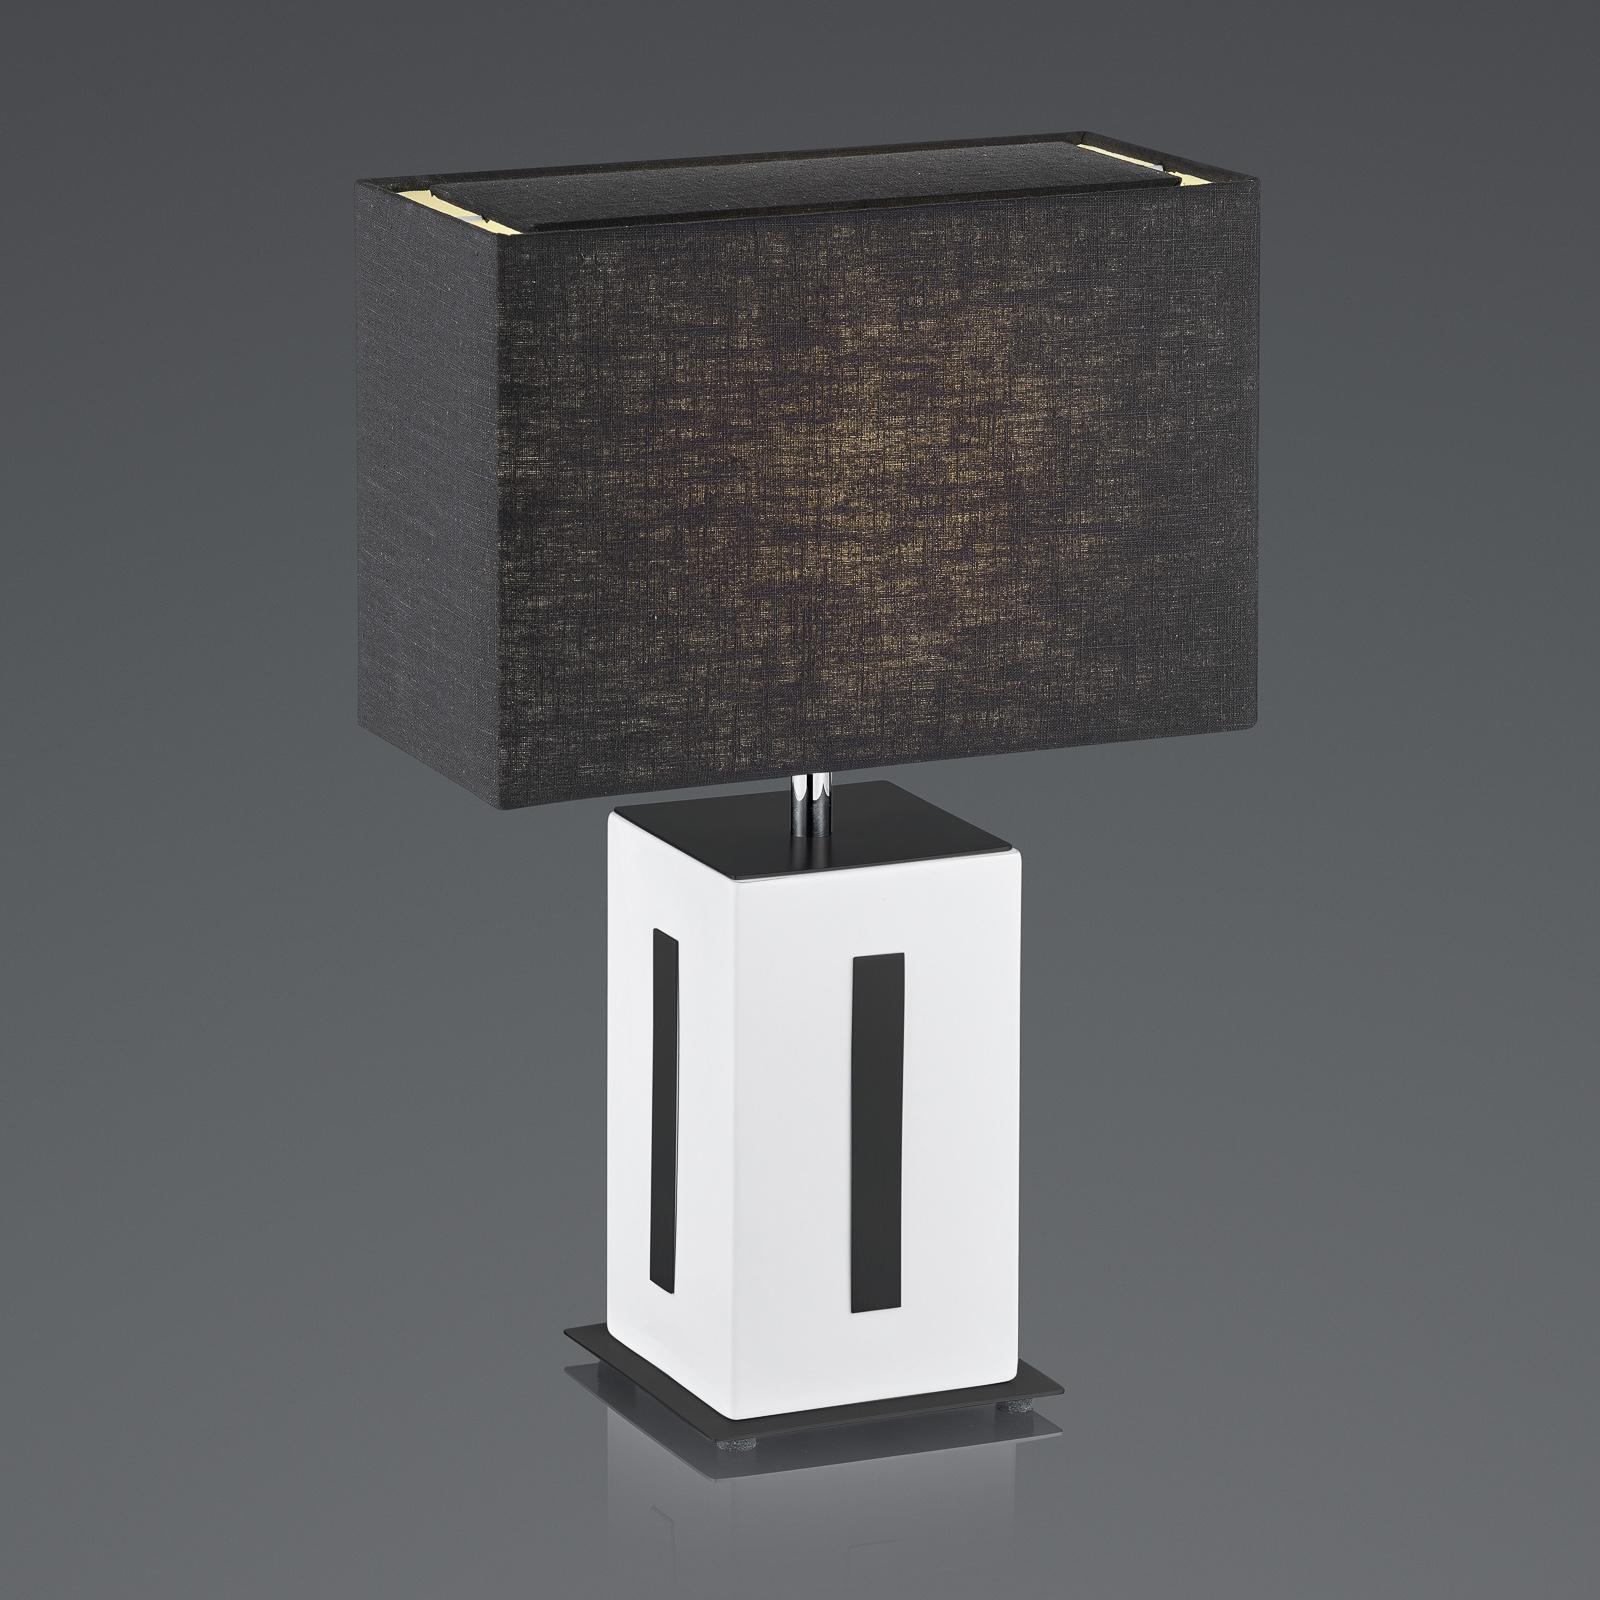 BANKAMP Karlo pöytävalaisin valkoinen/musta, 47cm